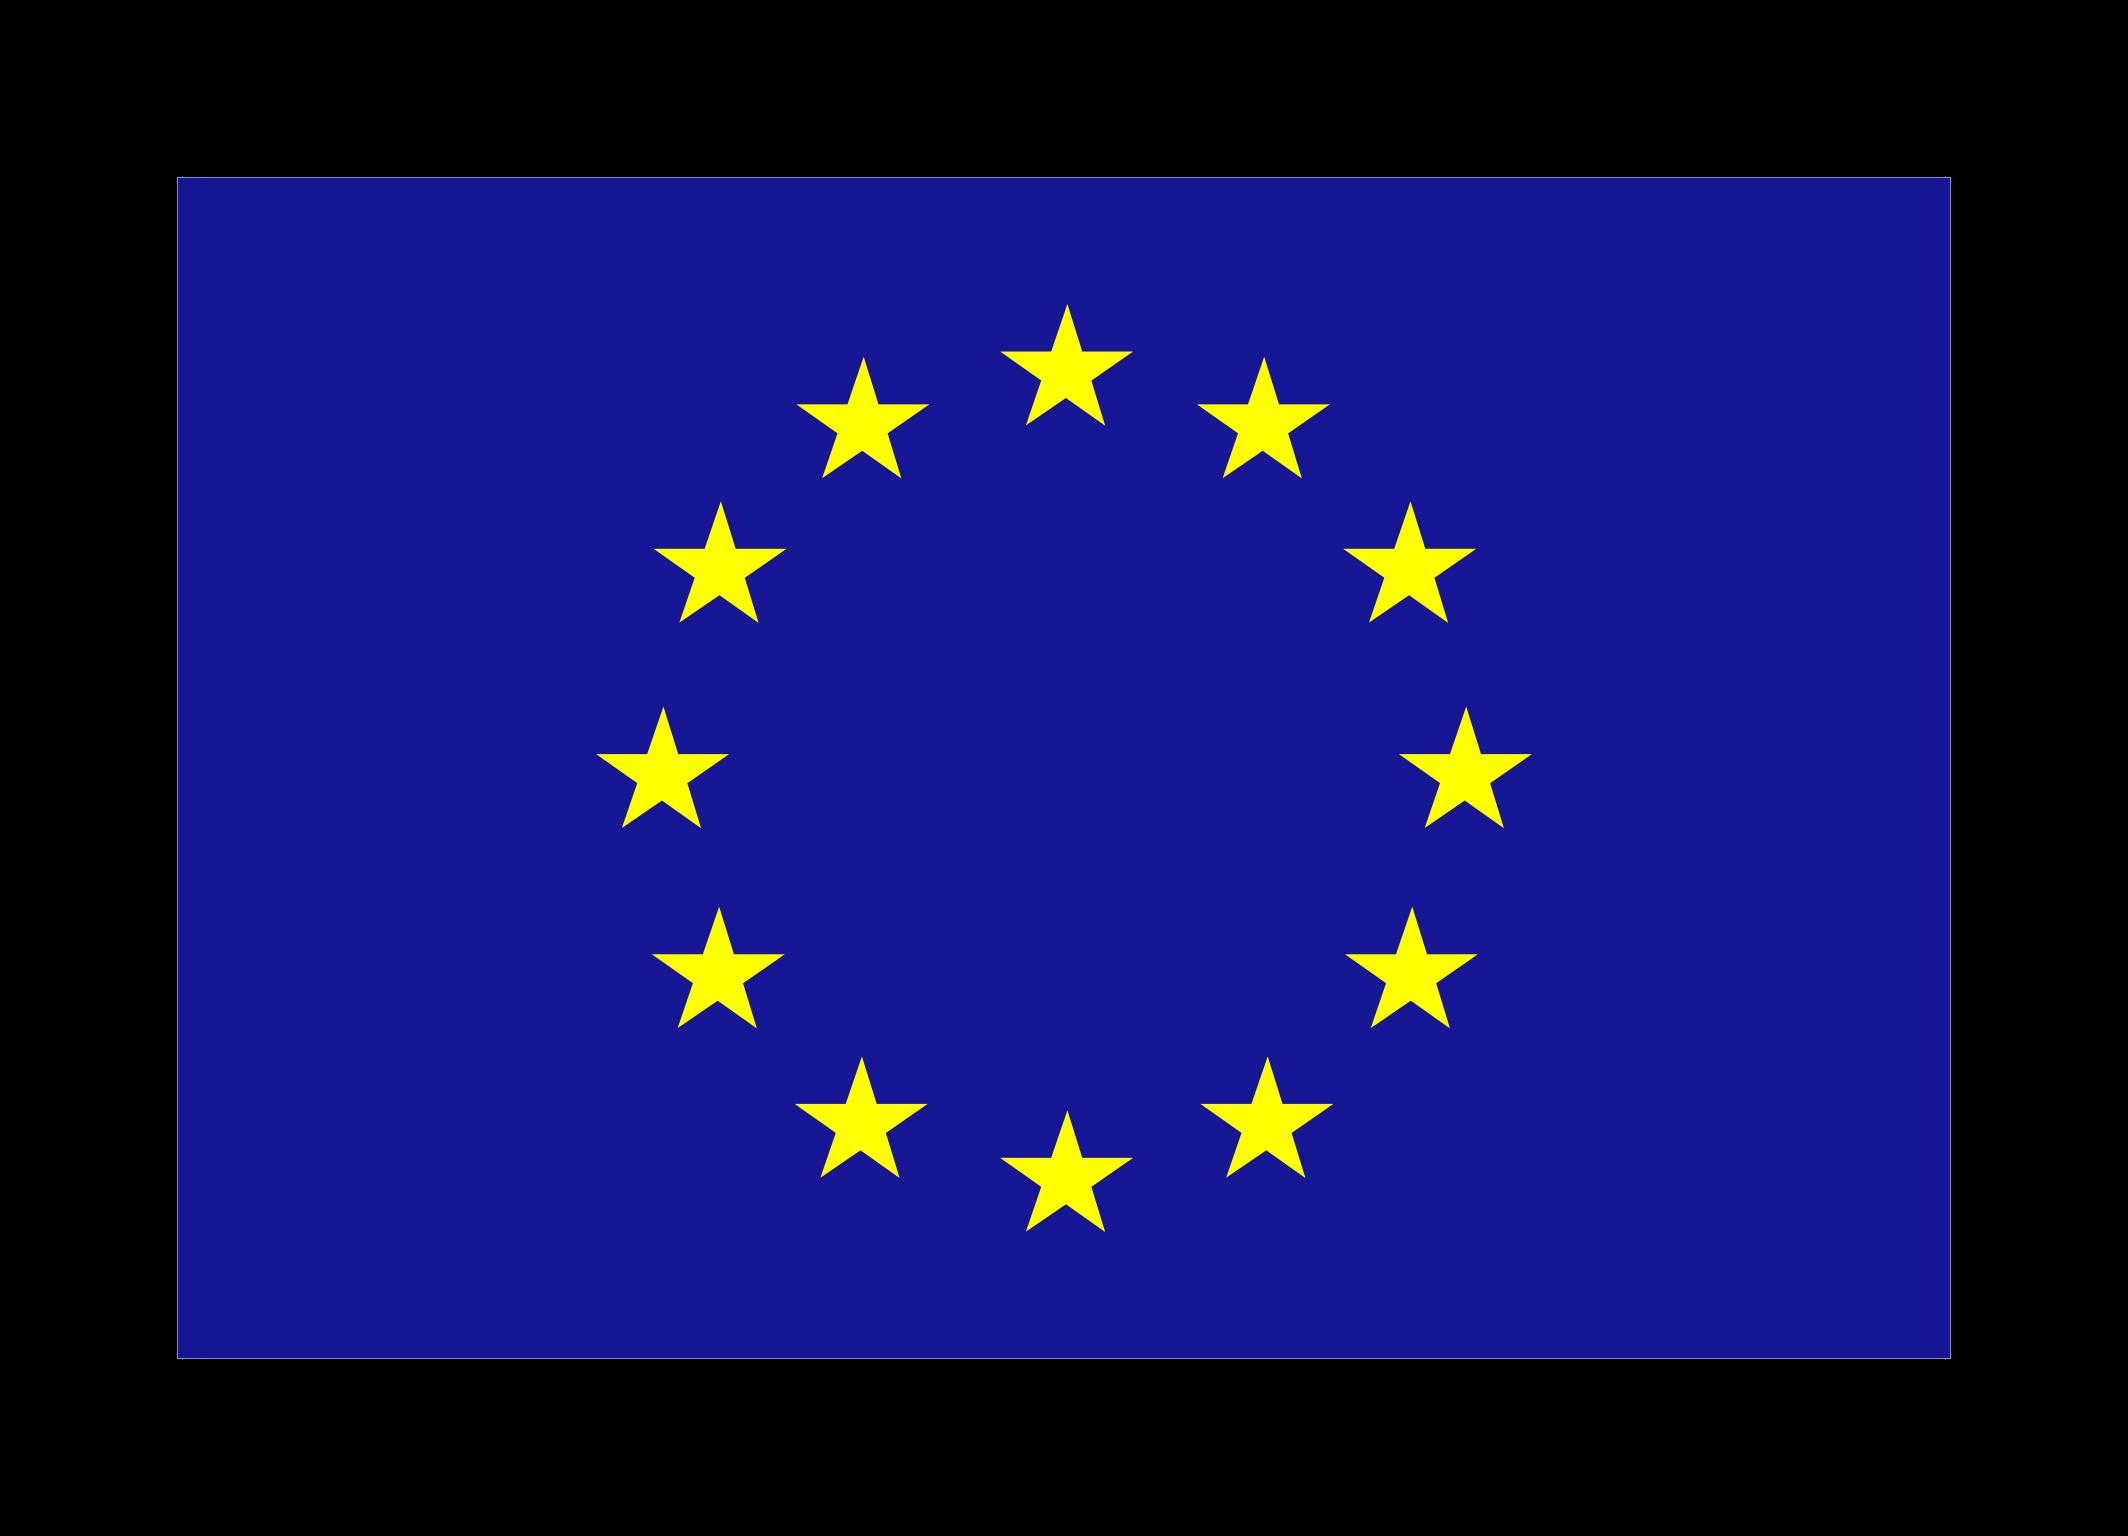 http://europa.eu/index_hu.htm